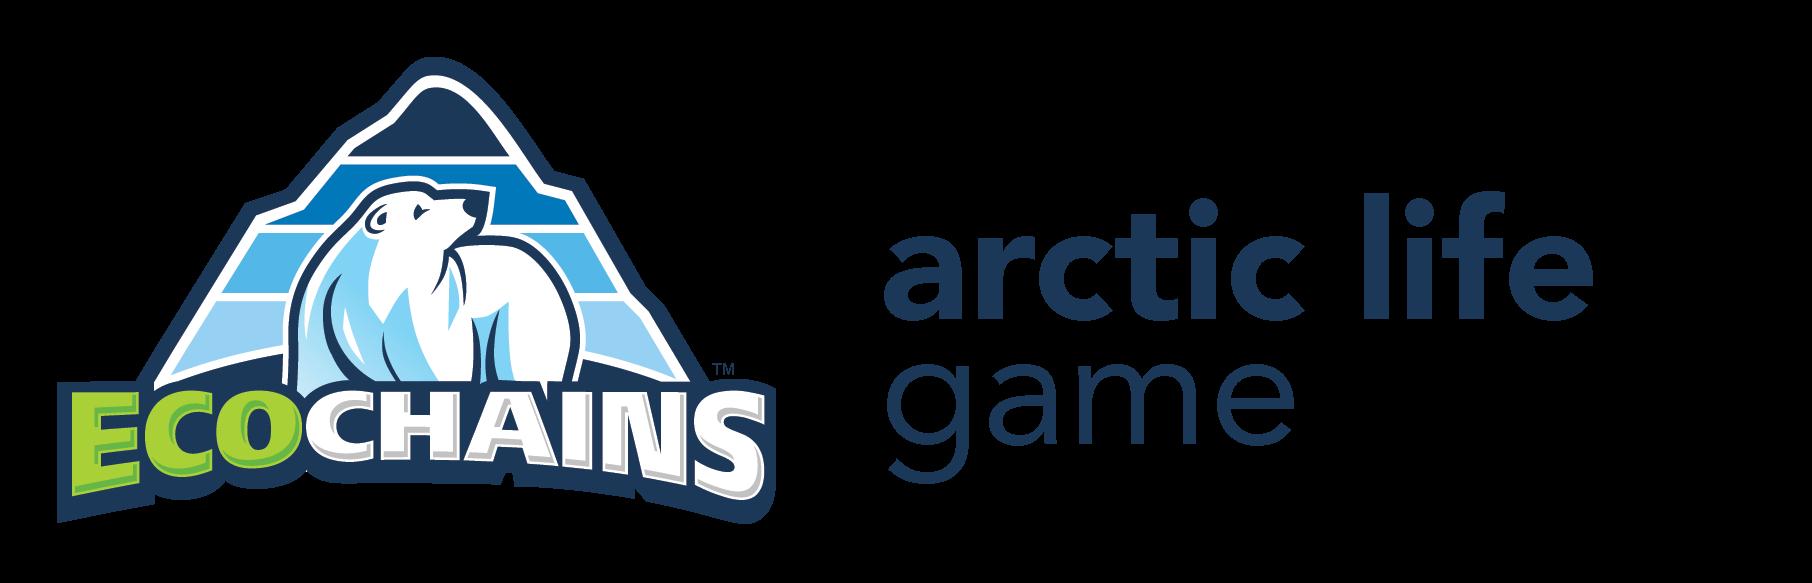 EcoChains: Arctic Life